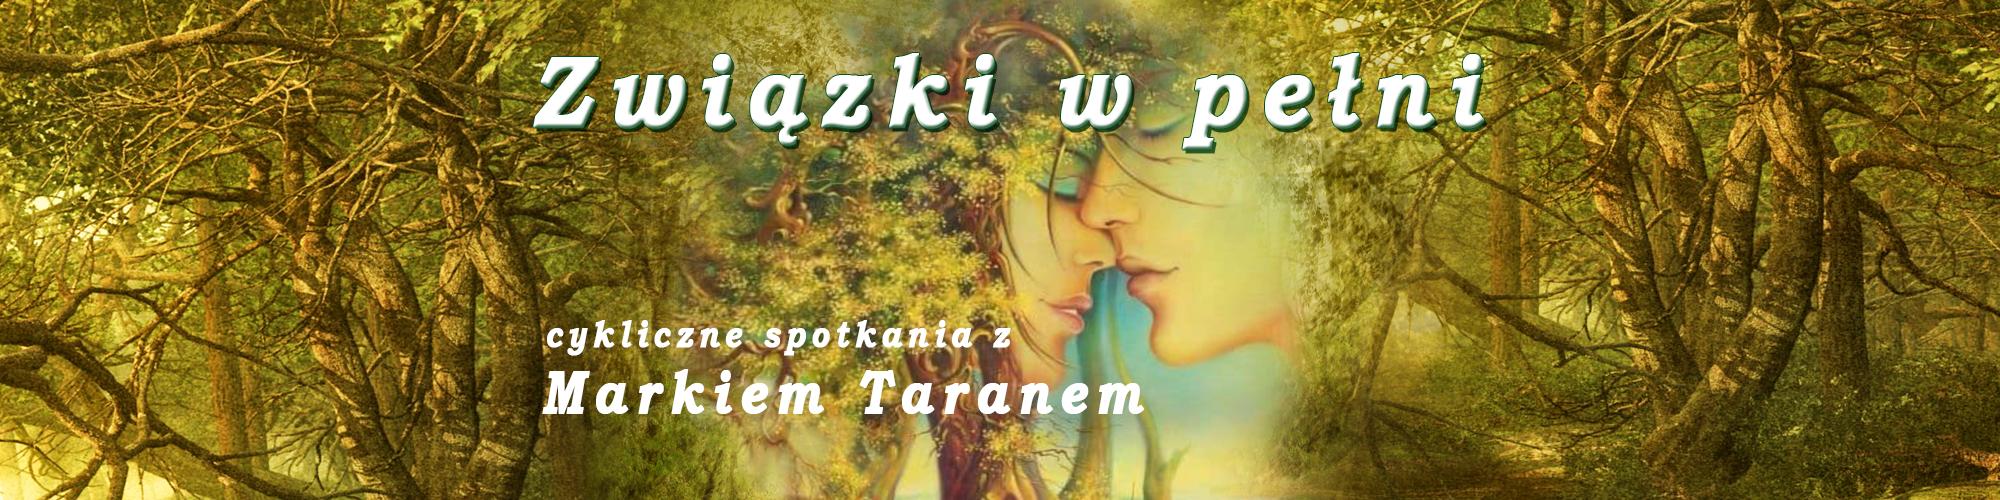 zwiazkiwpelni1-banner